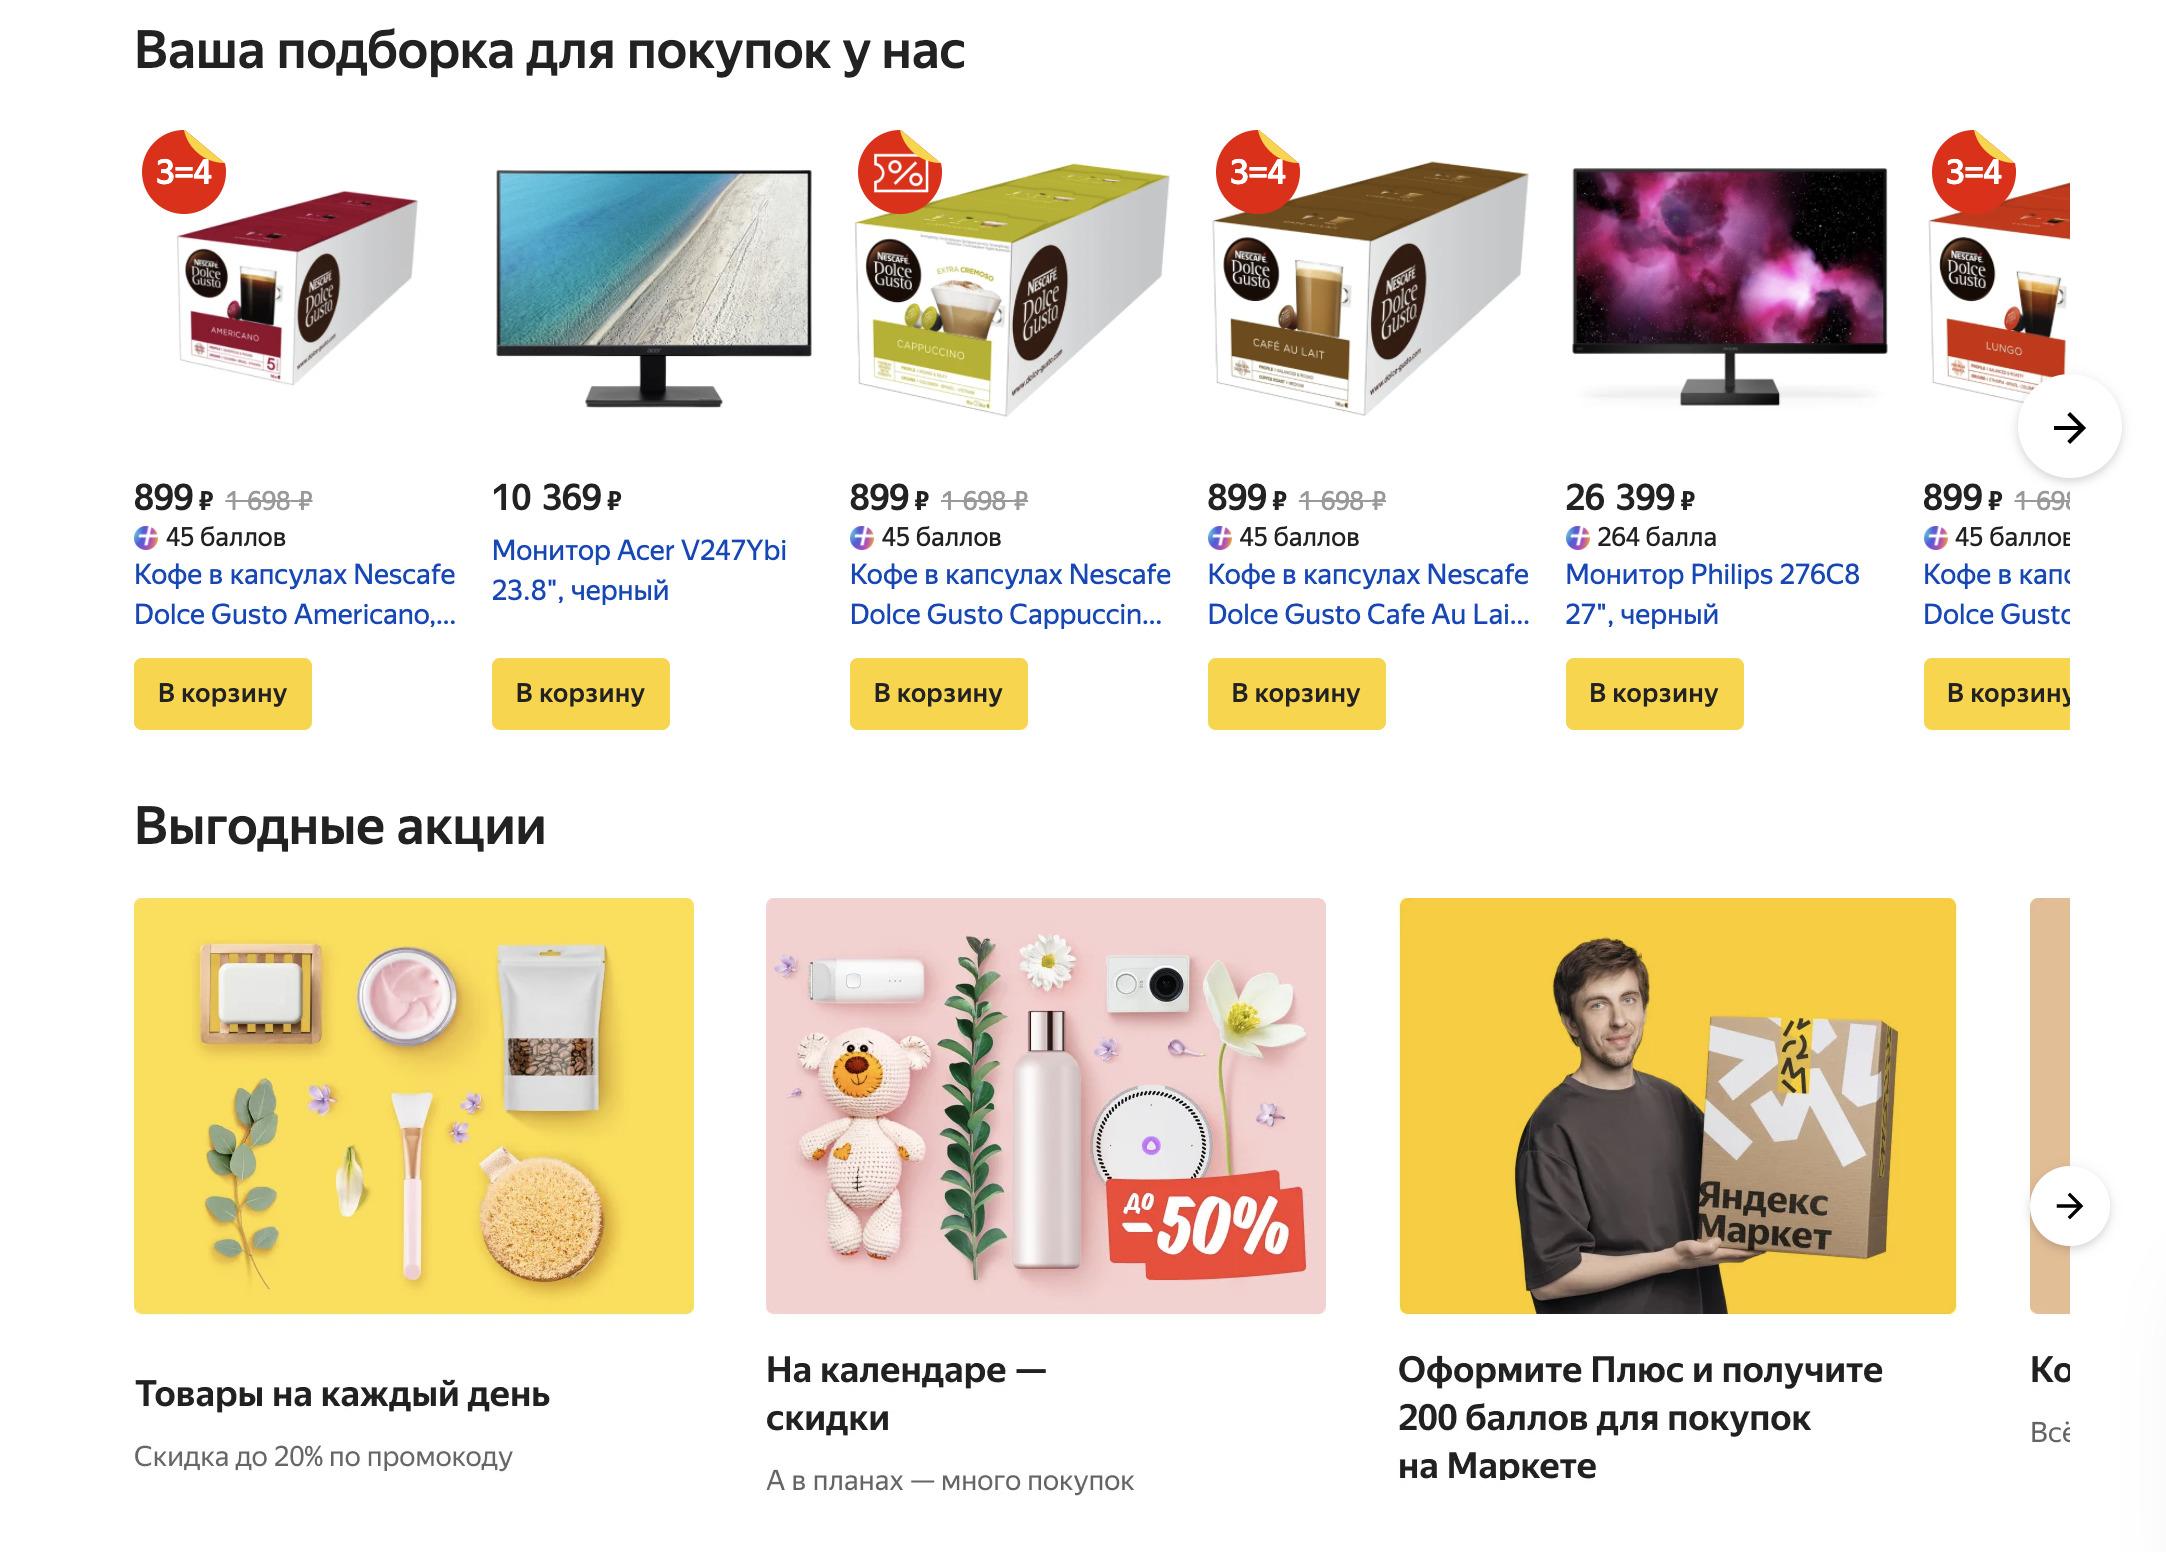 Доставка из Яндекс.Маркет в Новочеркасск, сроки, пункты выдачи, каталог